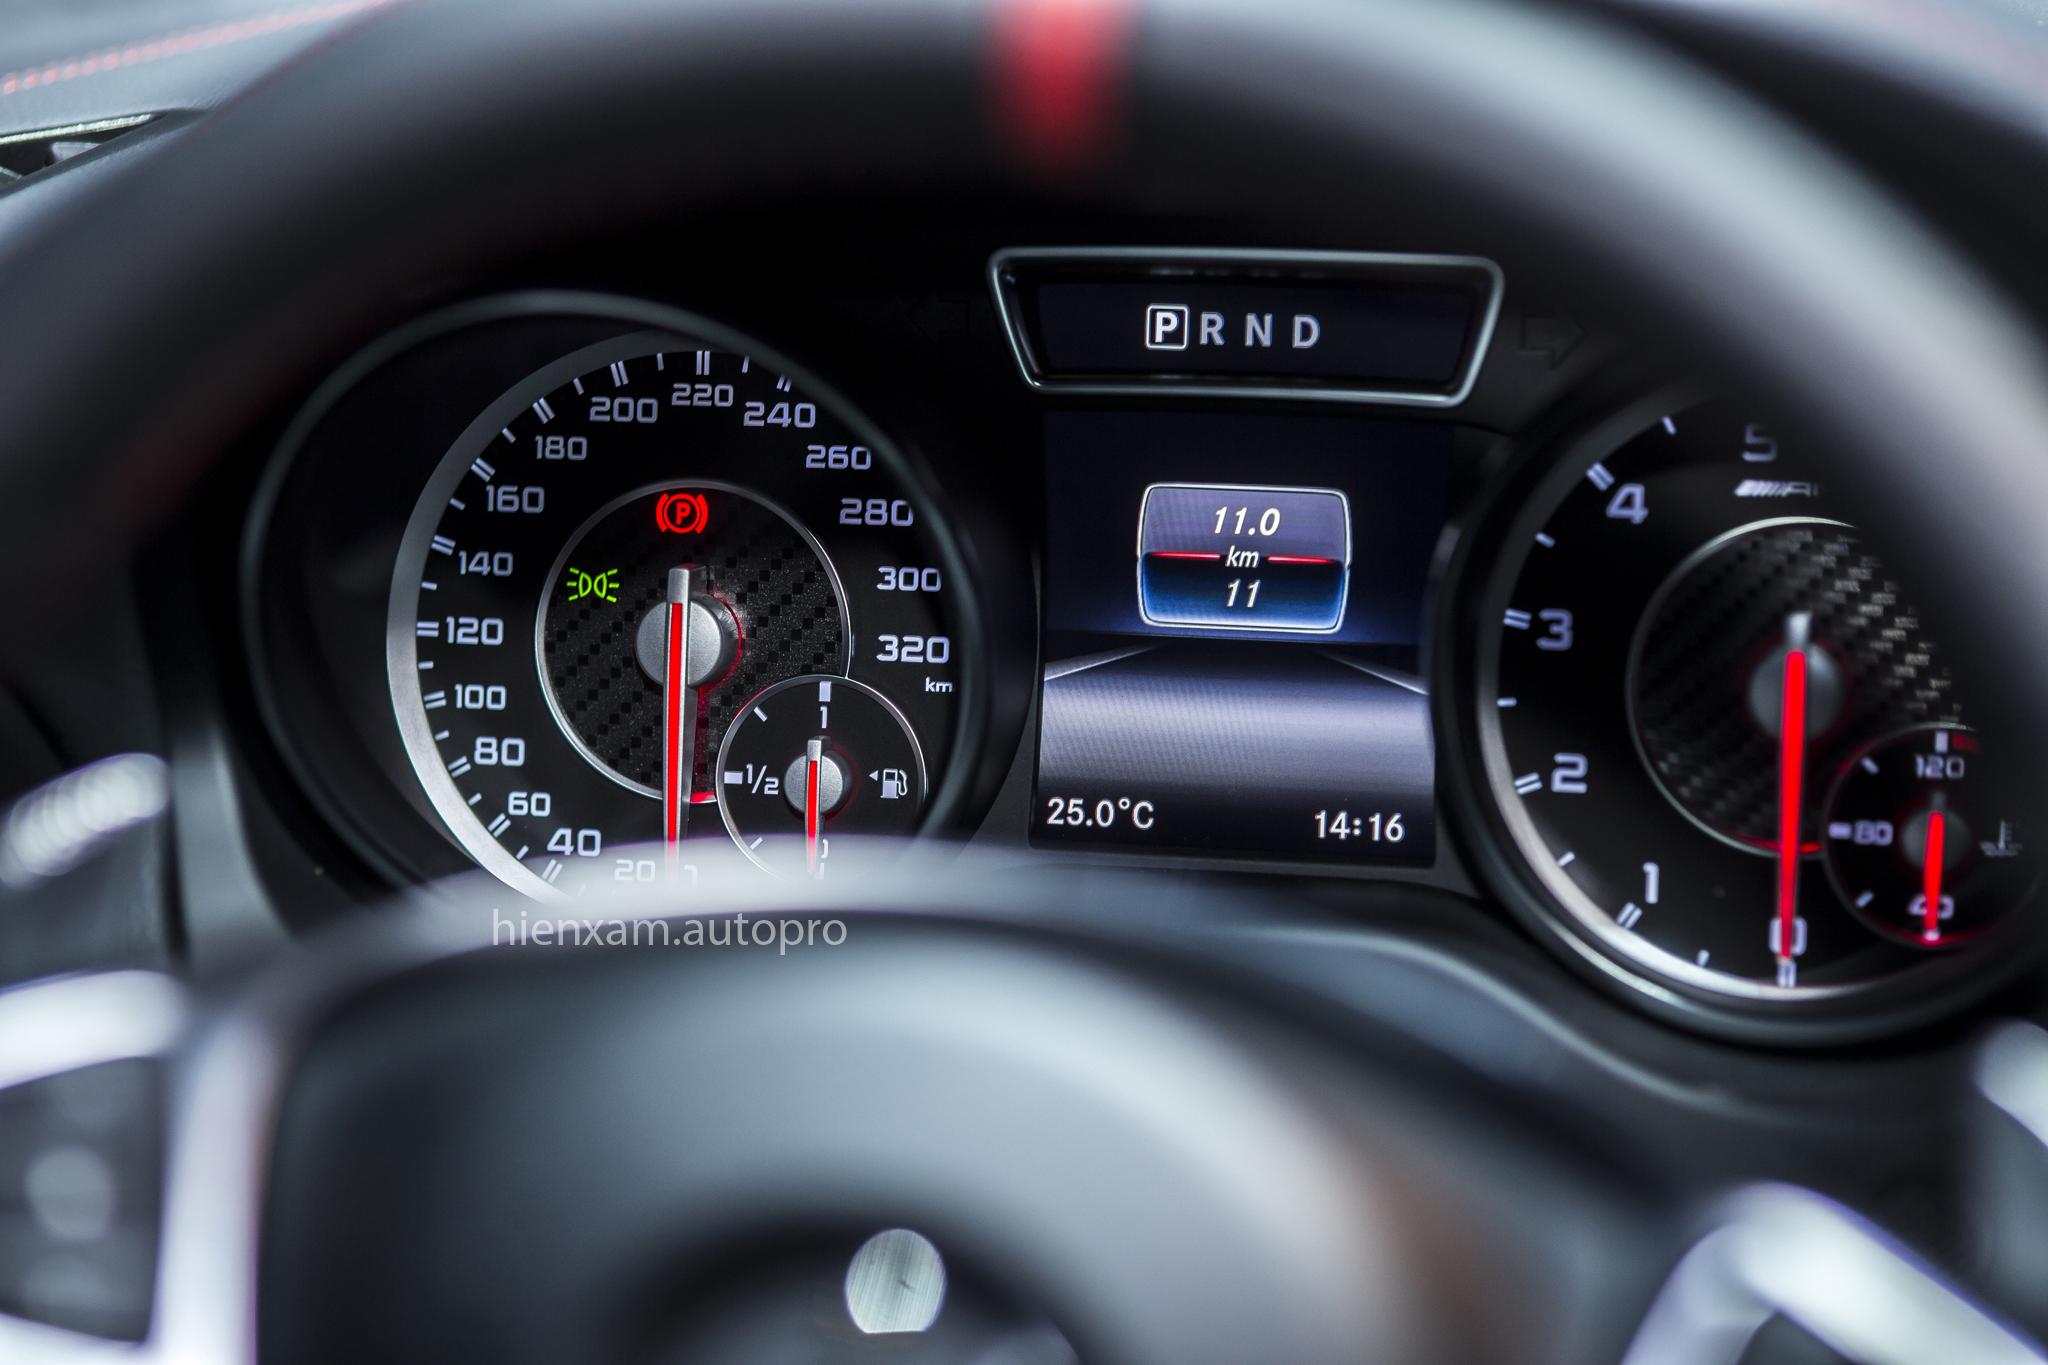 Cận cảnh Mercedes-Benz GLA 45 AMG giá 2,279 tỉ đồng - Ảnh 6.